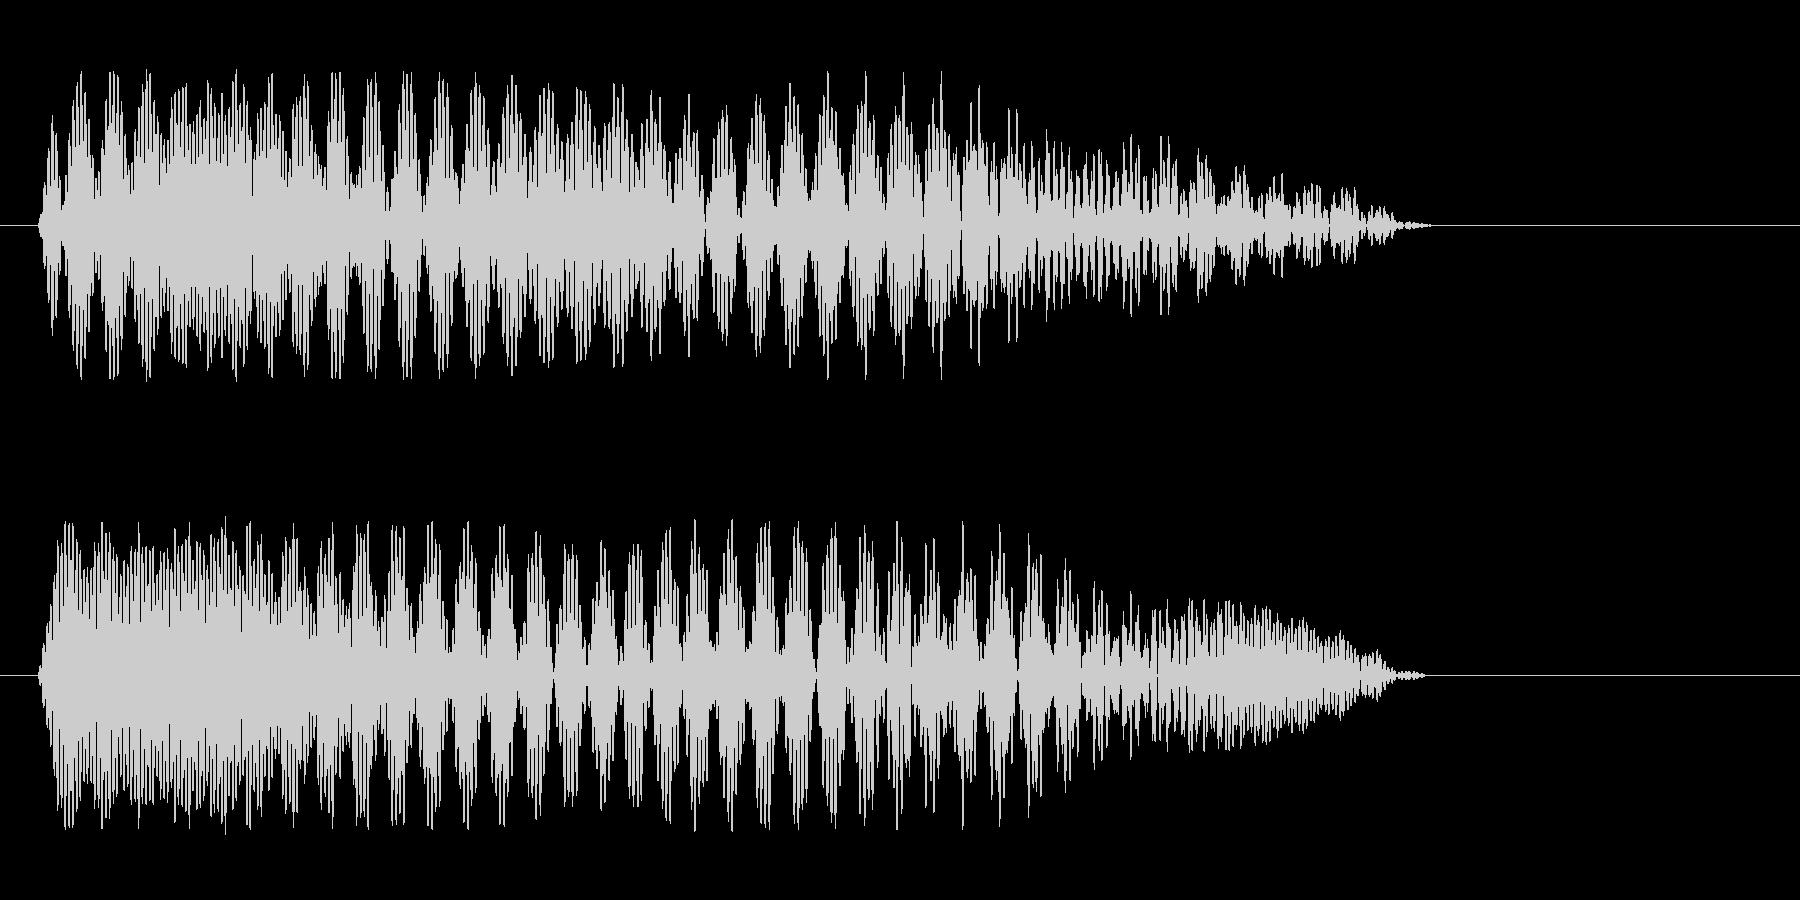 「プーワ」と女性が喋っている音の未再生の波形